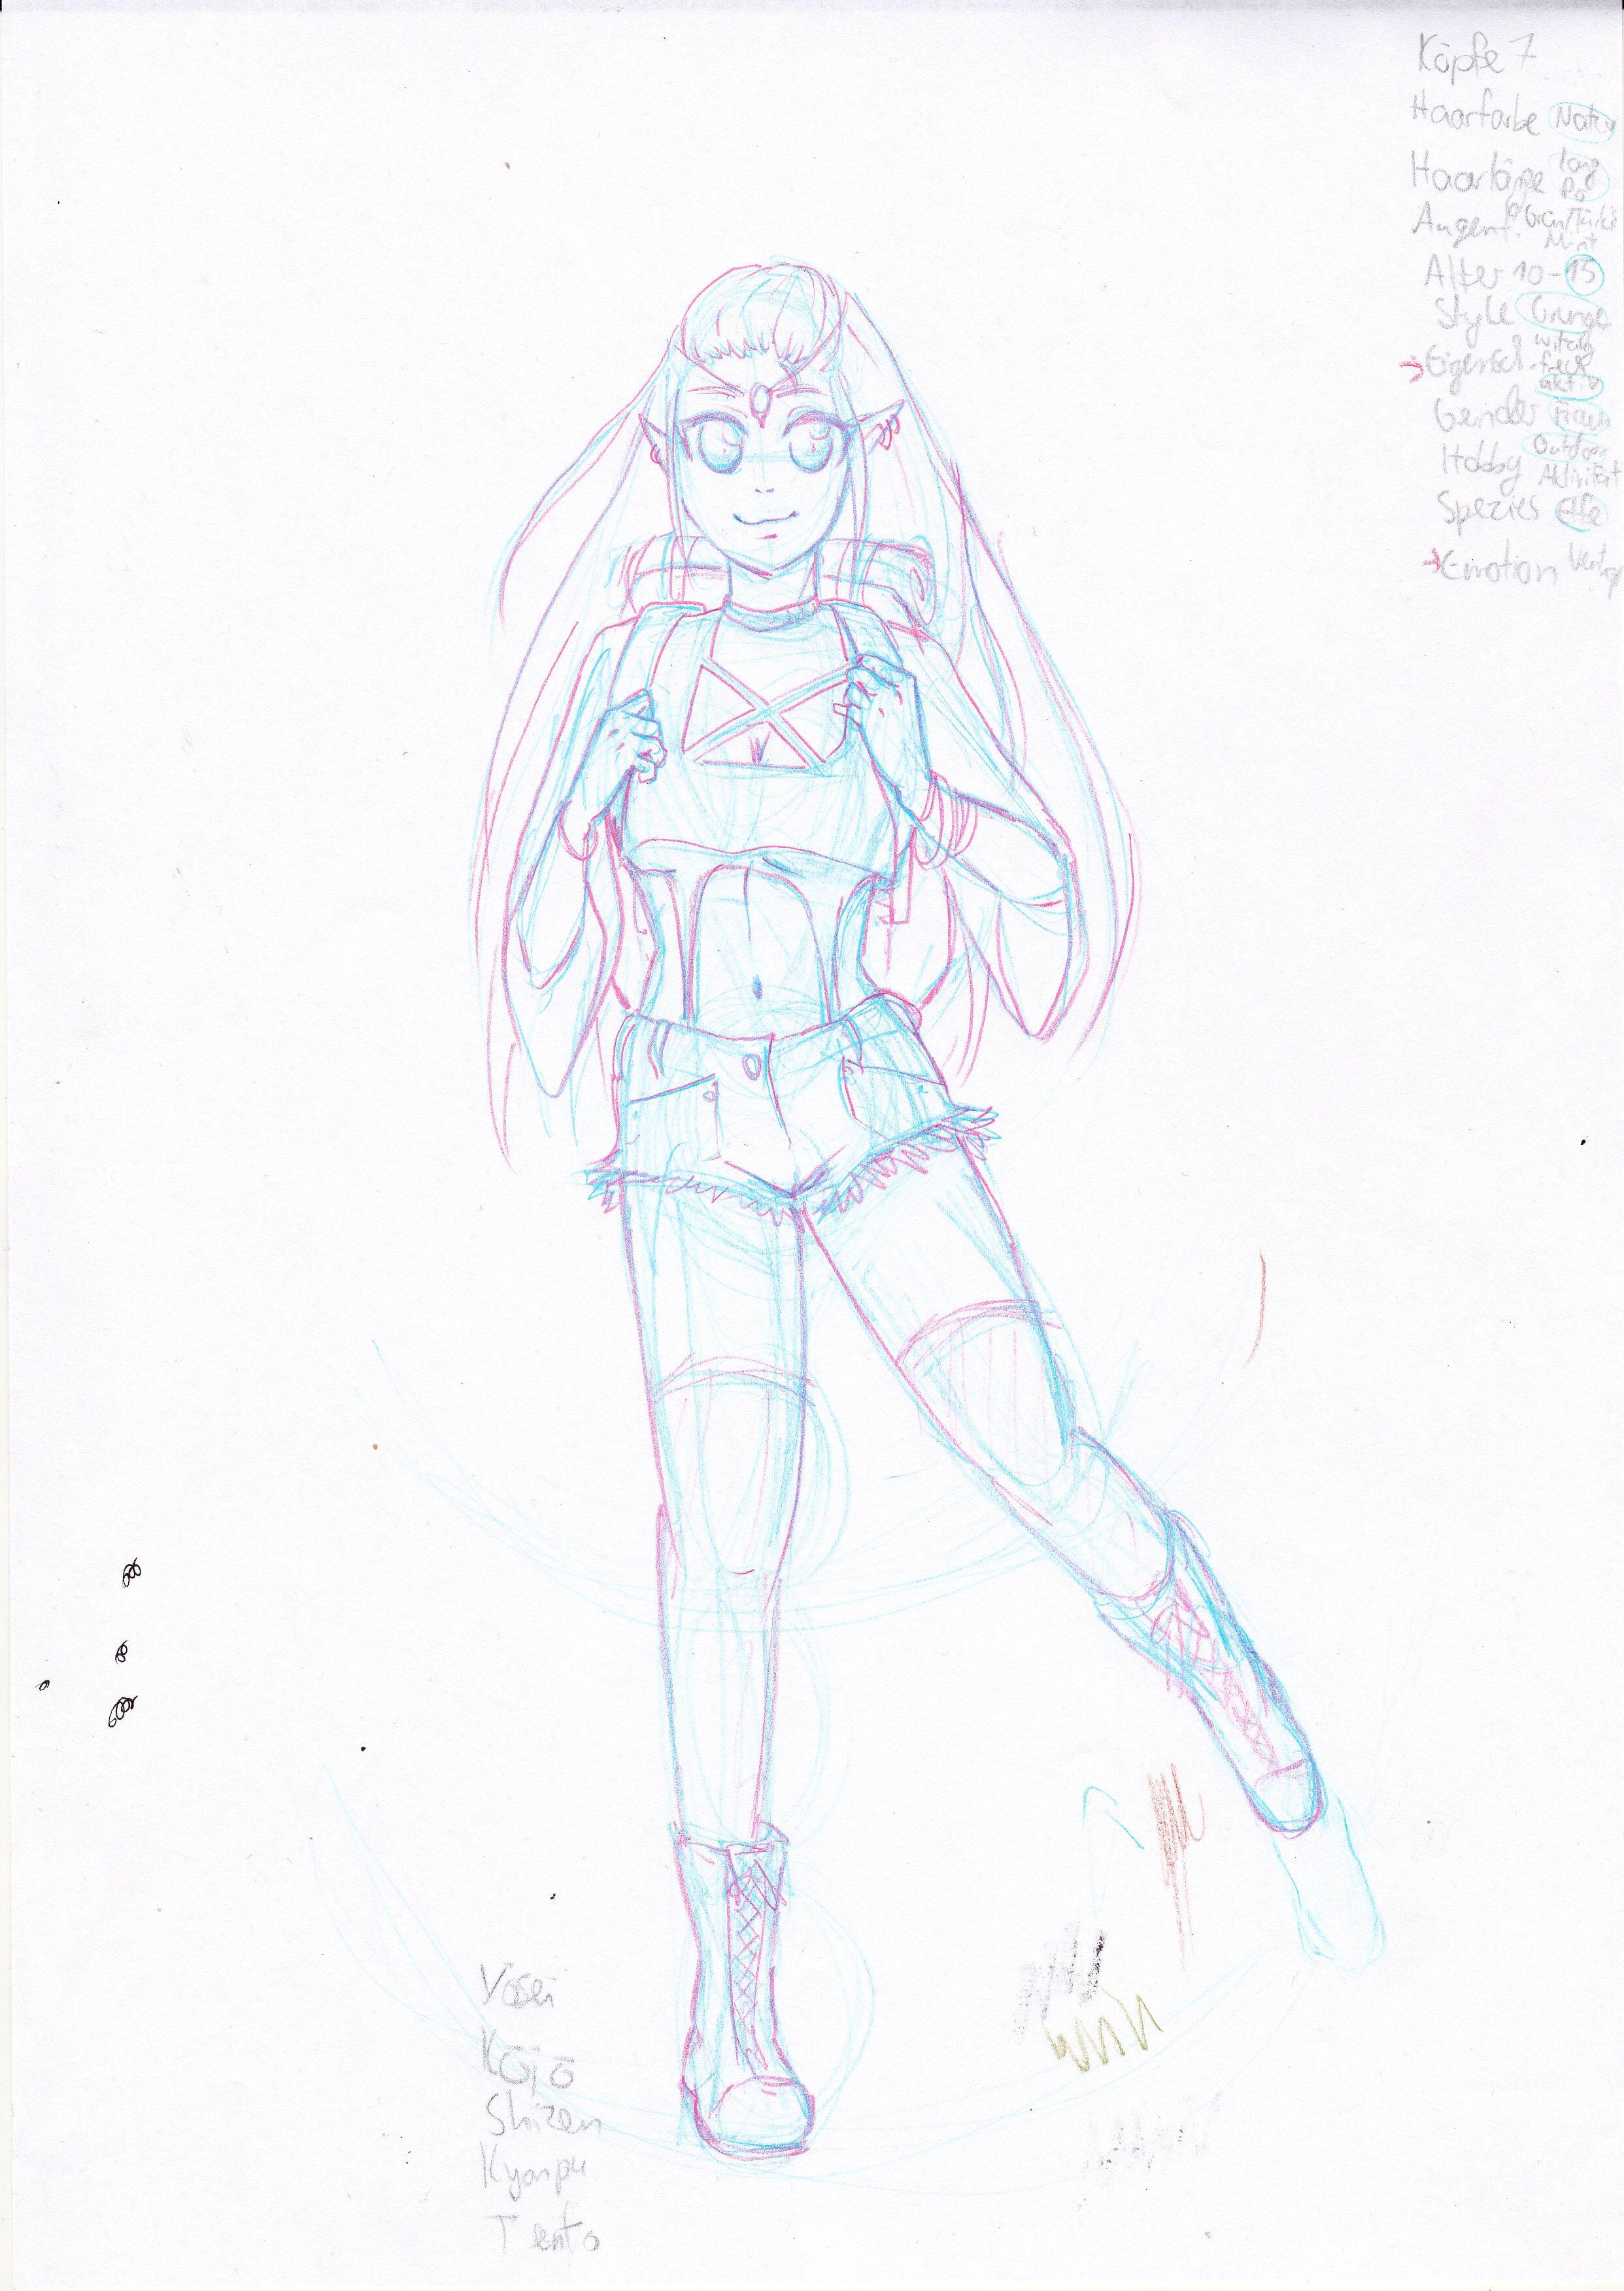 Makoto Charactersheet Skizze